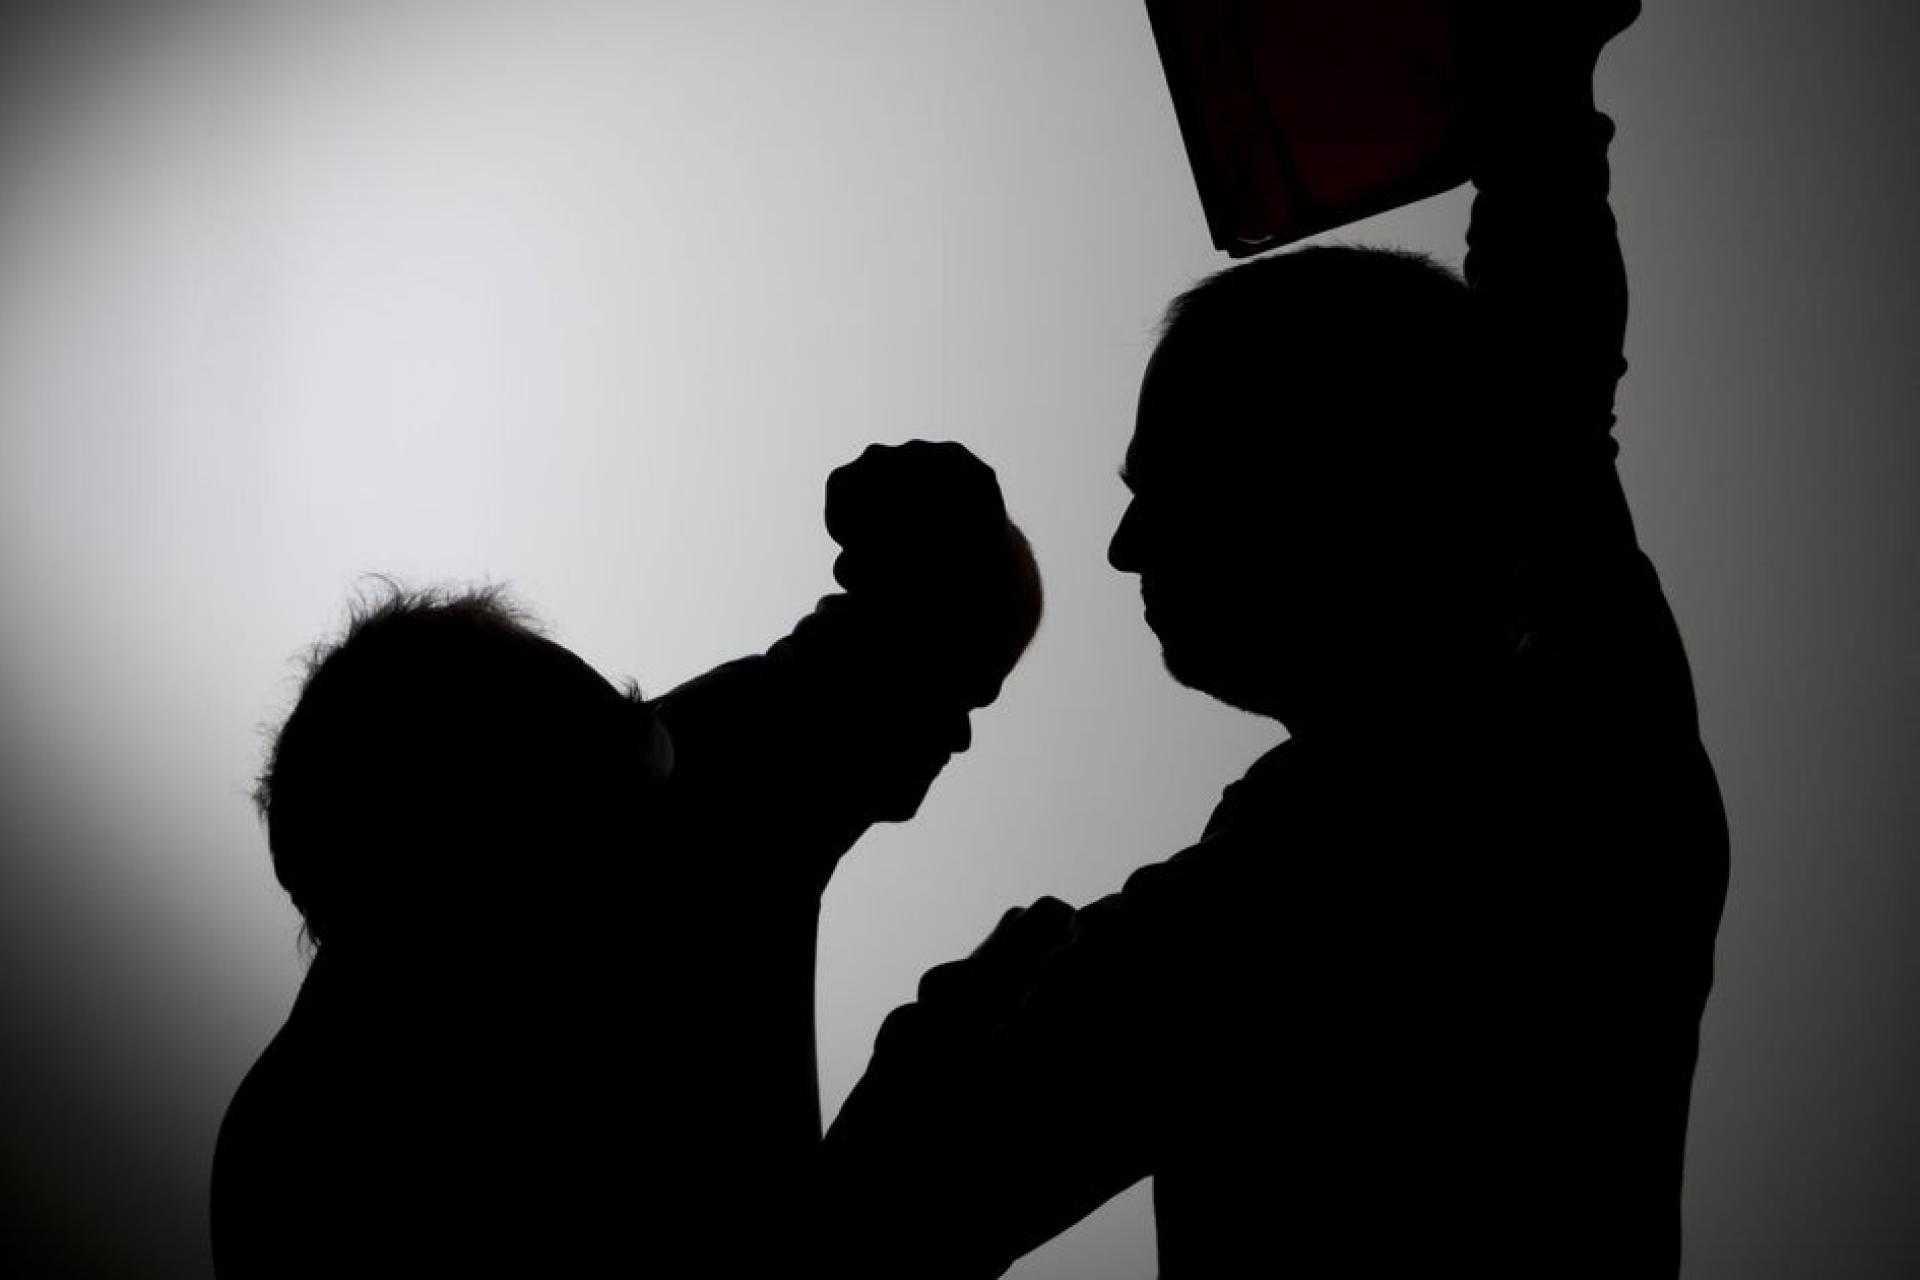 Житель Юрьев-Польского района избил сельского старосту за активную гражданскую позицию